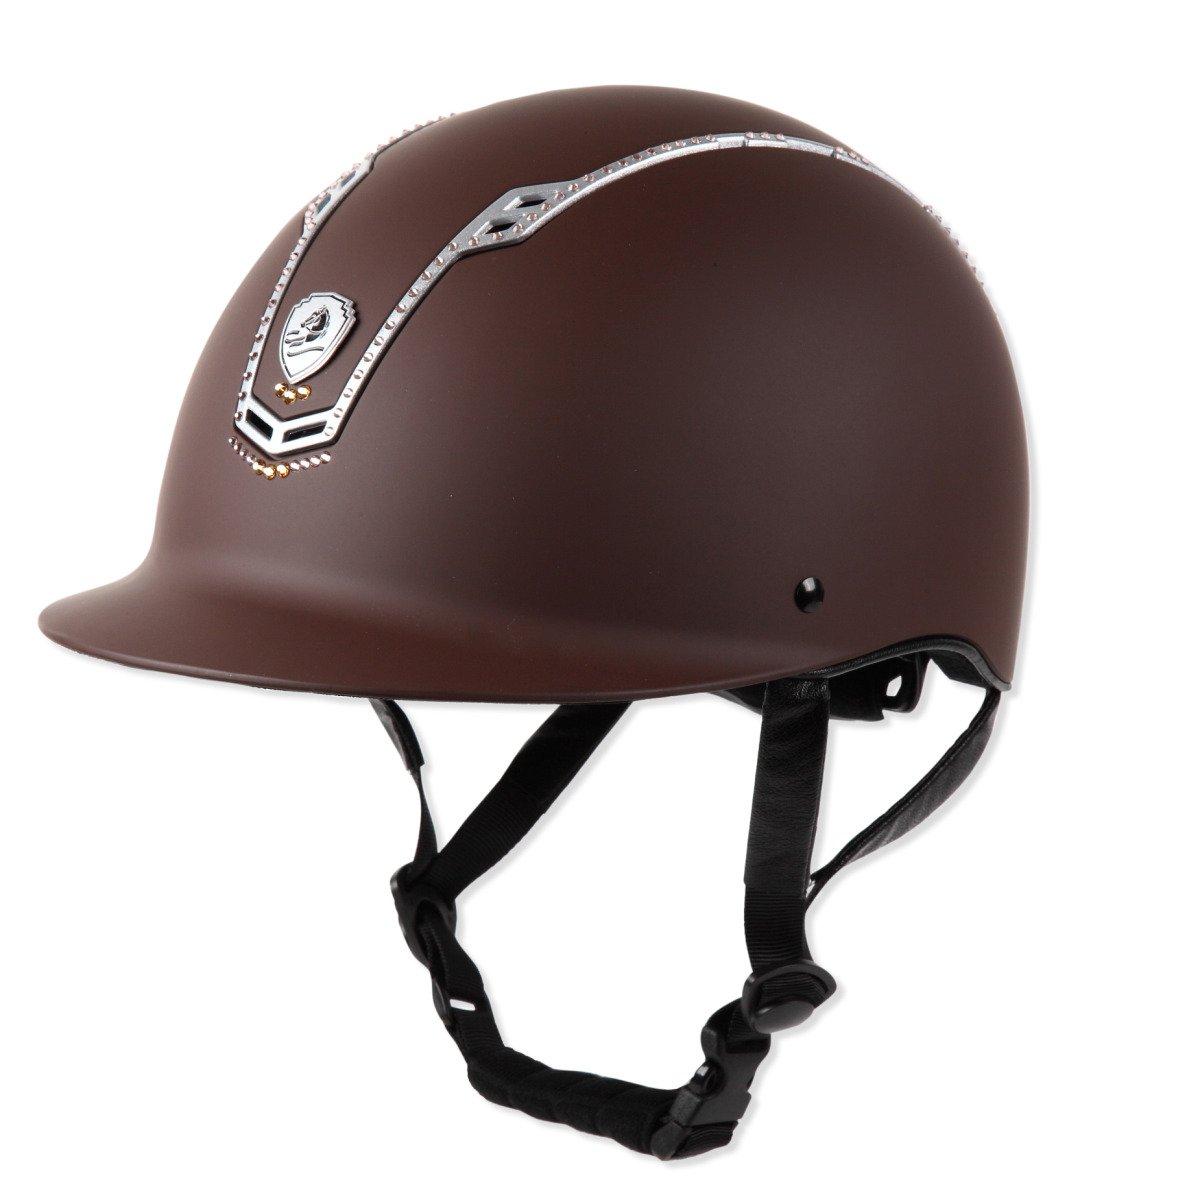 乗馬 ヘルメット プロテクター 乗馬帽 帽子 EQULIBERTA スワロフスキー ソリッド ダイヤル調整ヘルメット 乗馬用品 馬具 Medium ブラウン B07B2QY7M6